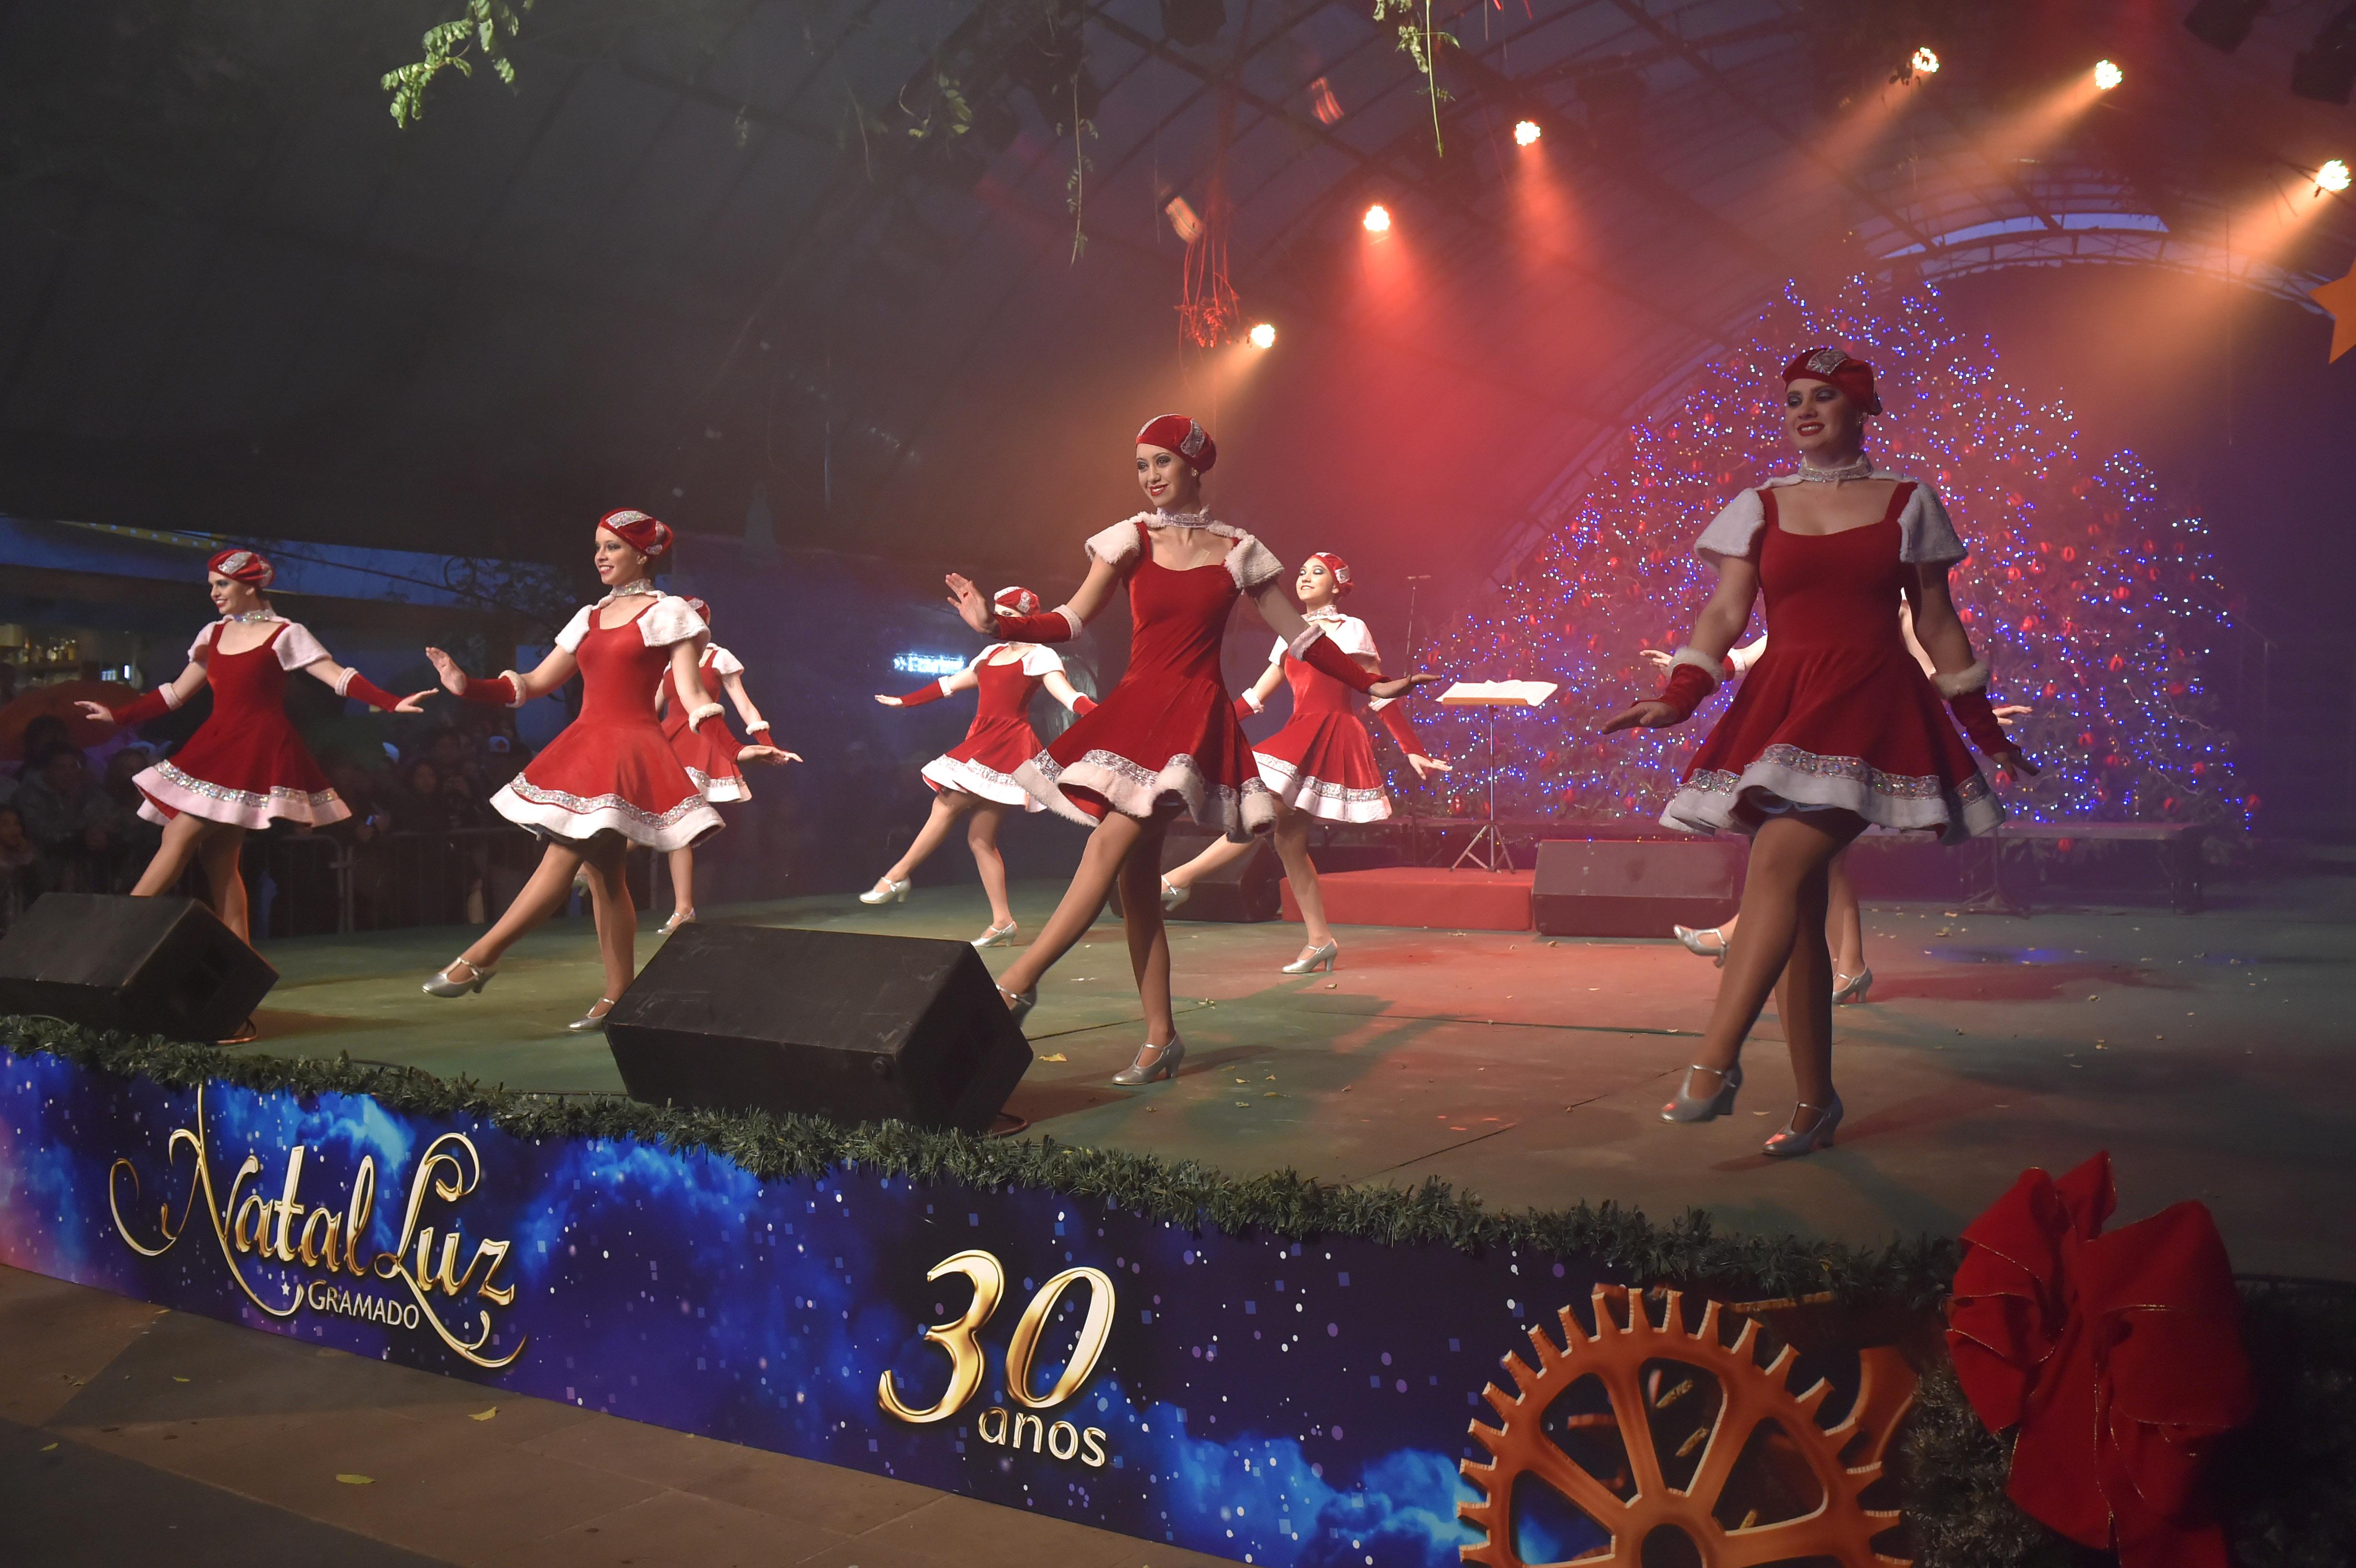 Natal-Luz-de-Gramado-doutissima-cleiton-thiele